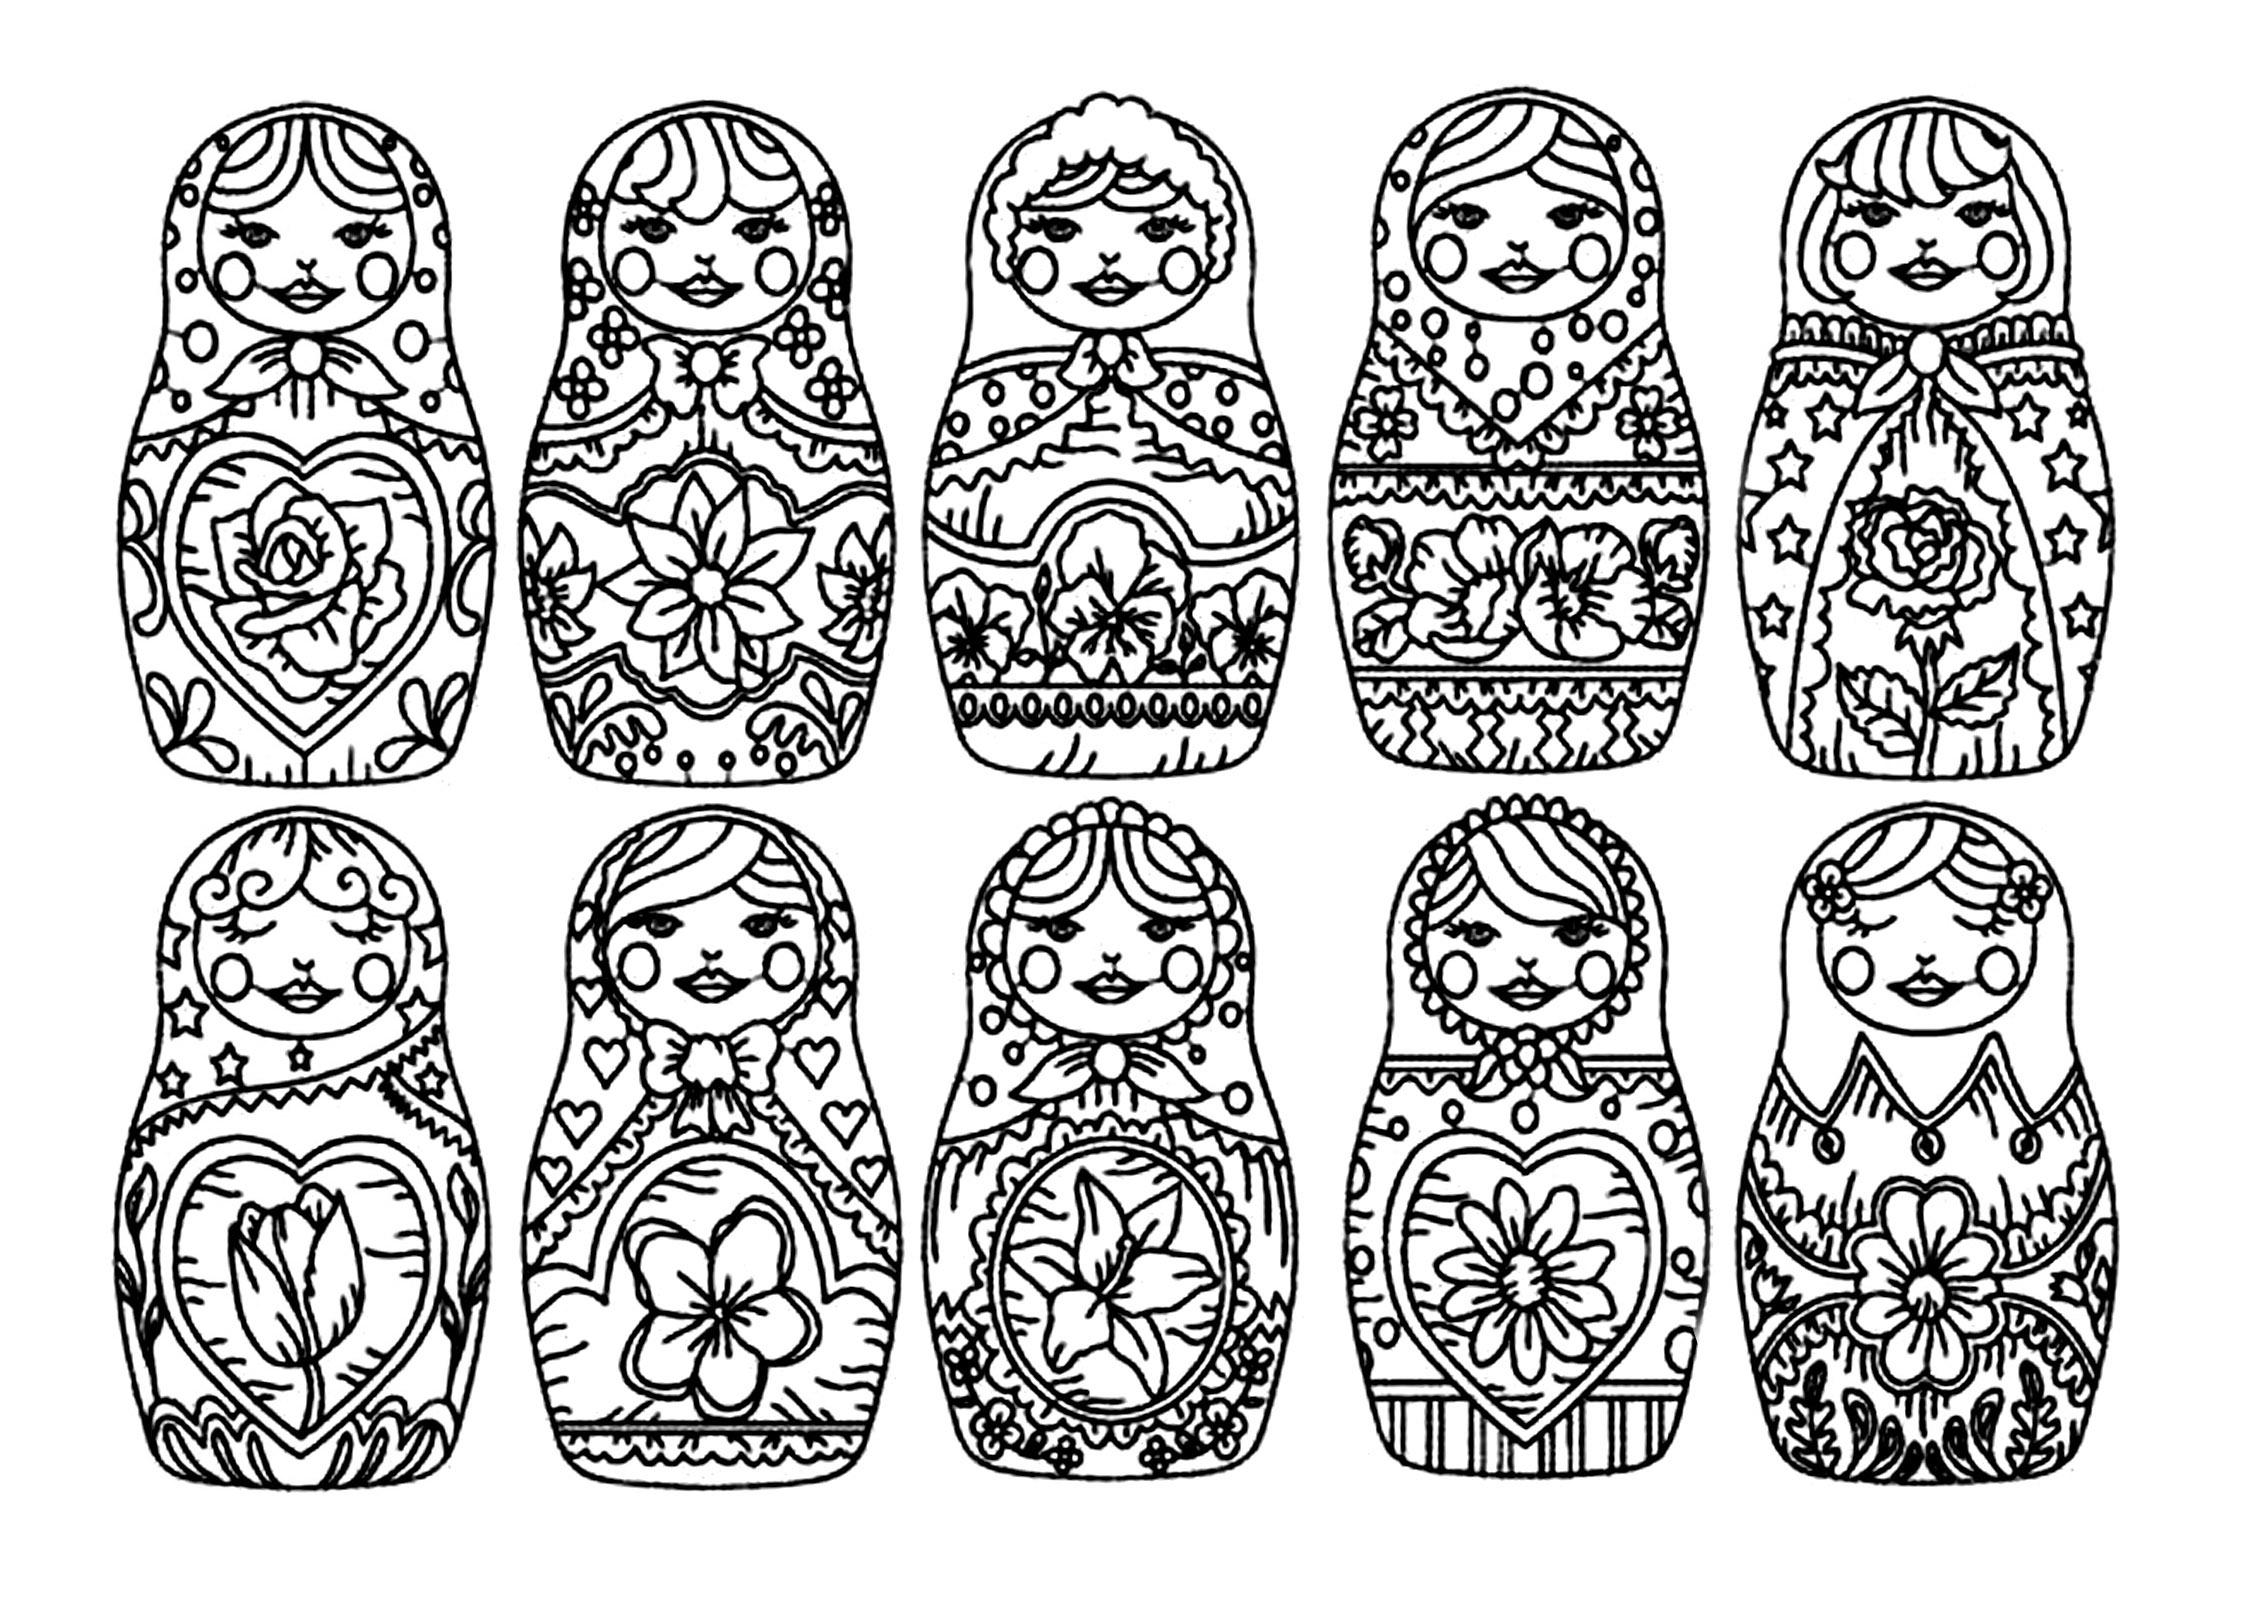 Coloriage Mandala Russe.Justcolor Poupees Russes 3 Coloriages De Poupees Russes 100